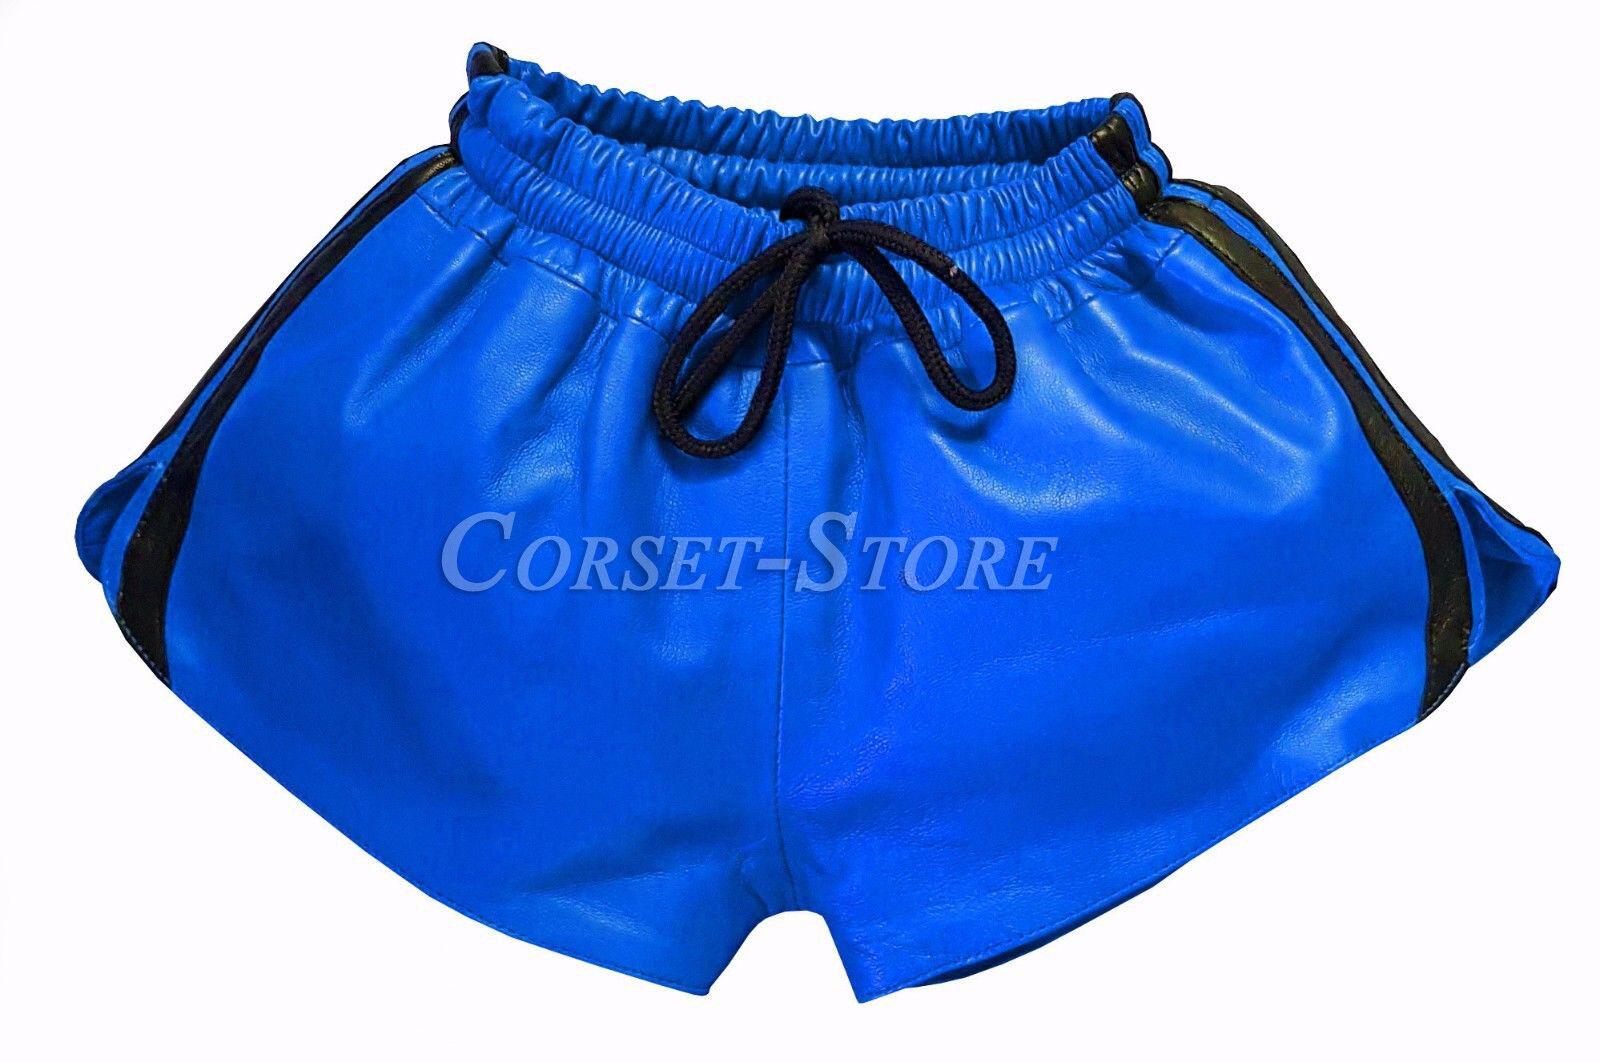 Pantaloncini DI PELLE CON FASCIA ELASTICA SPORT in pelle Napa Stile Pantaloncini Blu e Nero